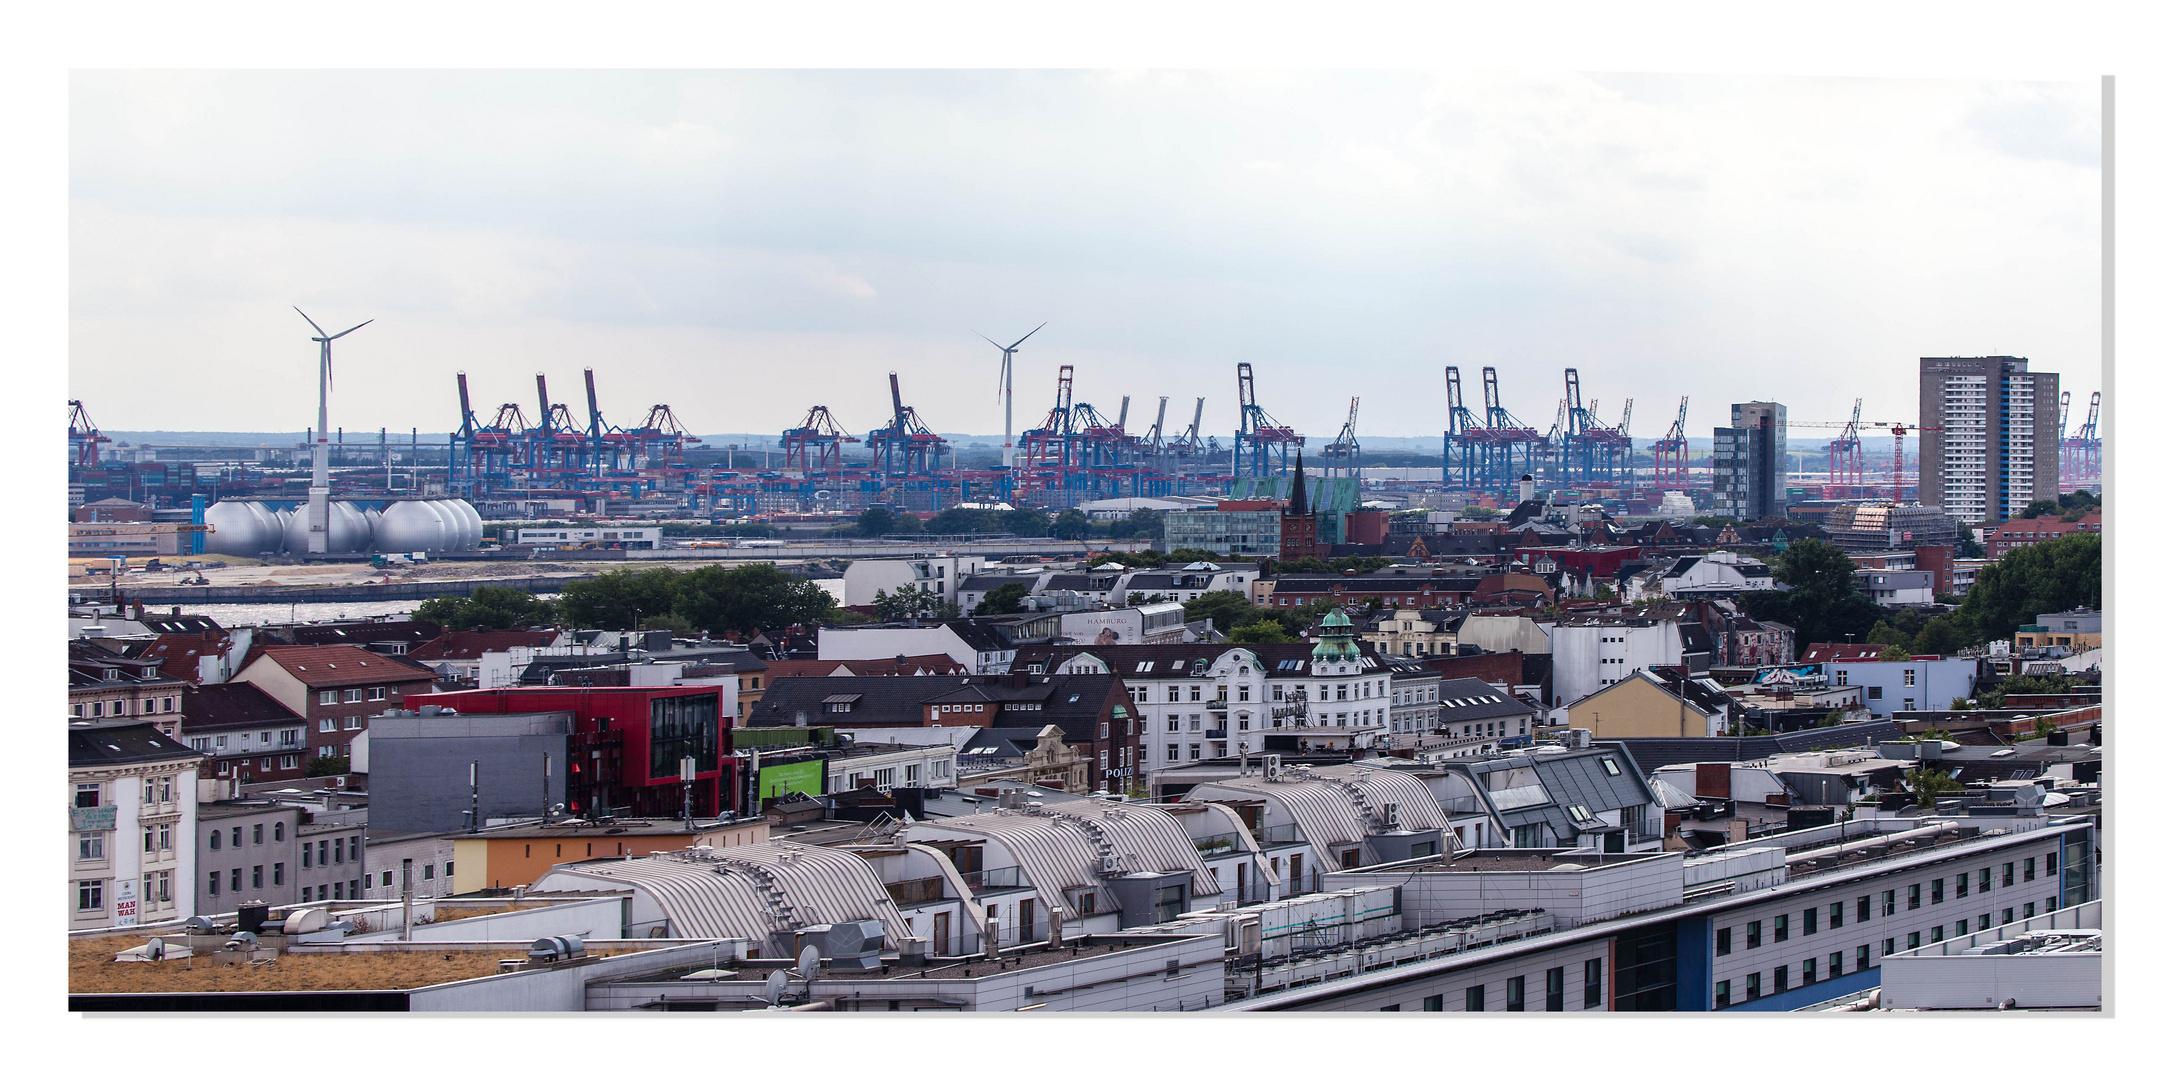 Blick auf Sankt Pauli und dem Hamburger Hafen